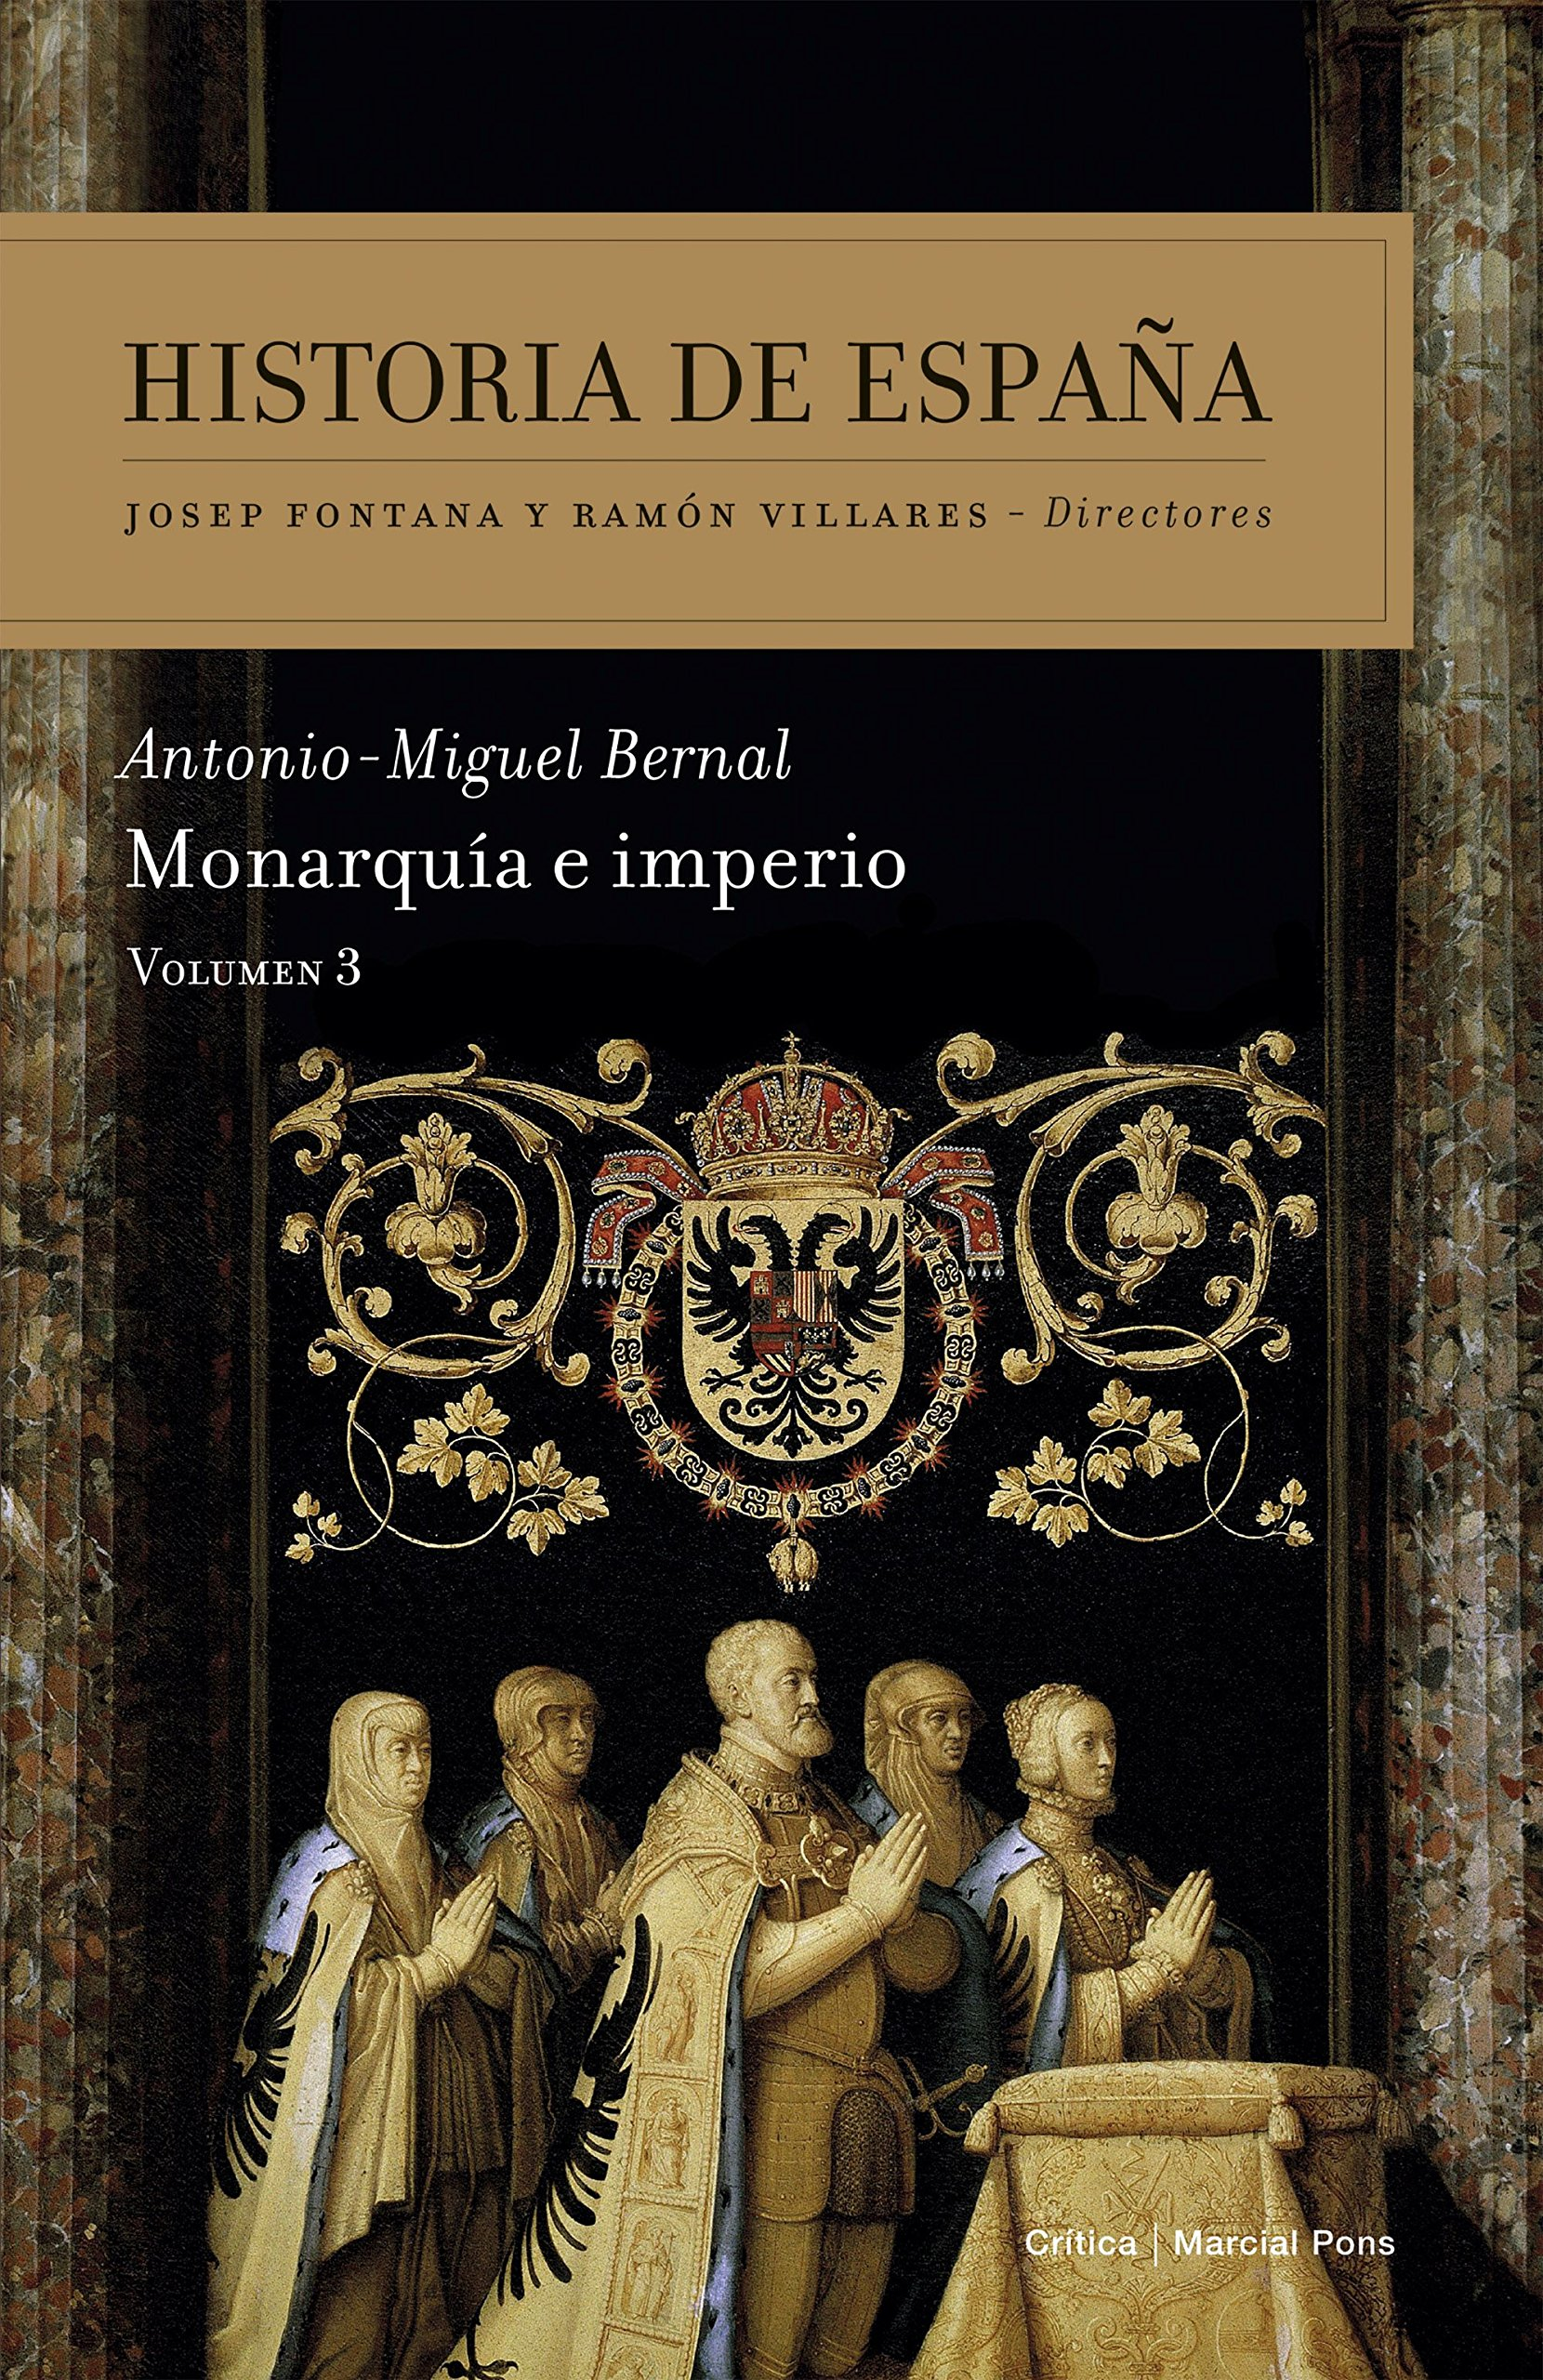 Monarquía e imperio: Historia de España Vol. 3: Amazon.es: Antonio-Miguel Bernal: Libros